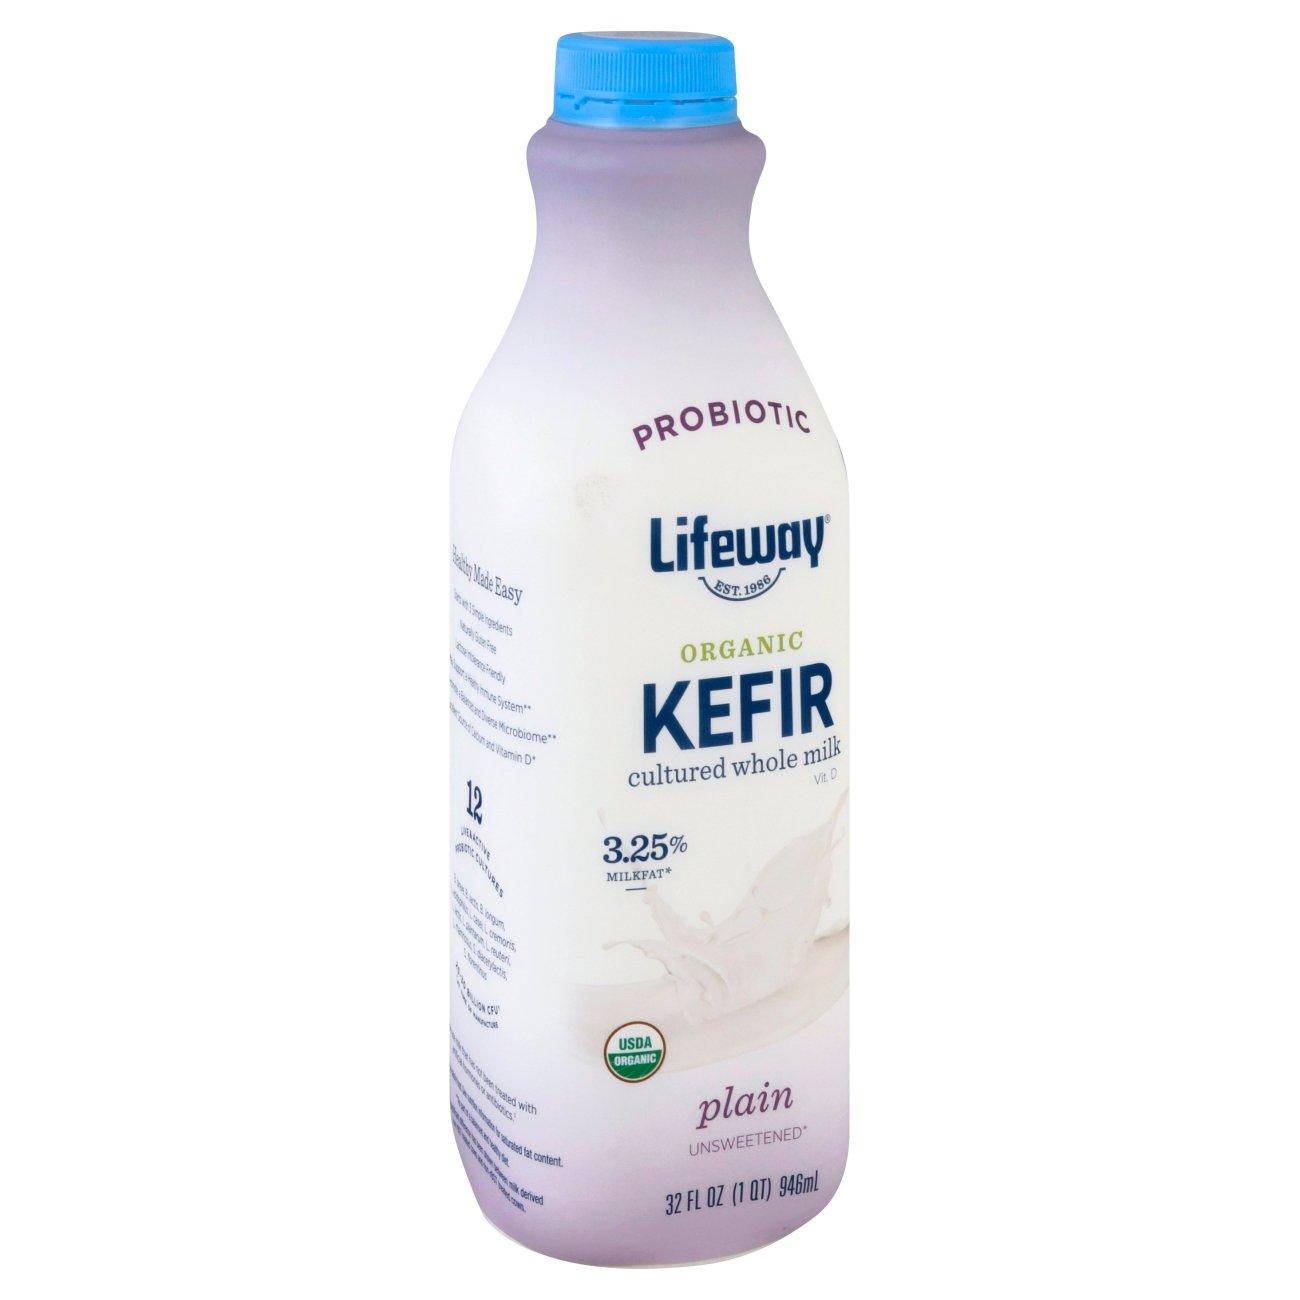 kefir milk. kefir milk